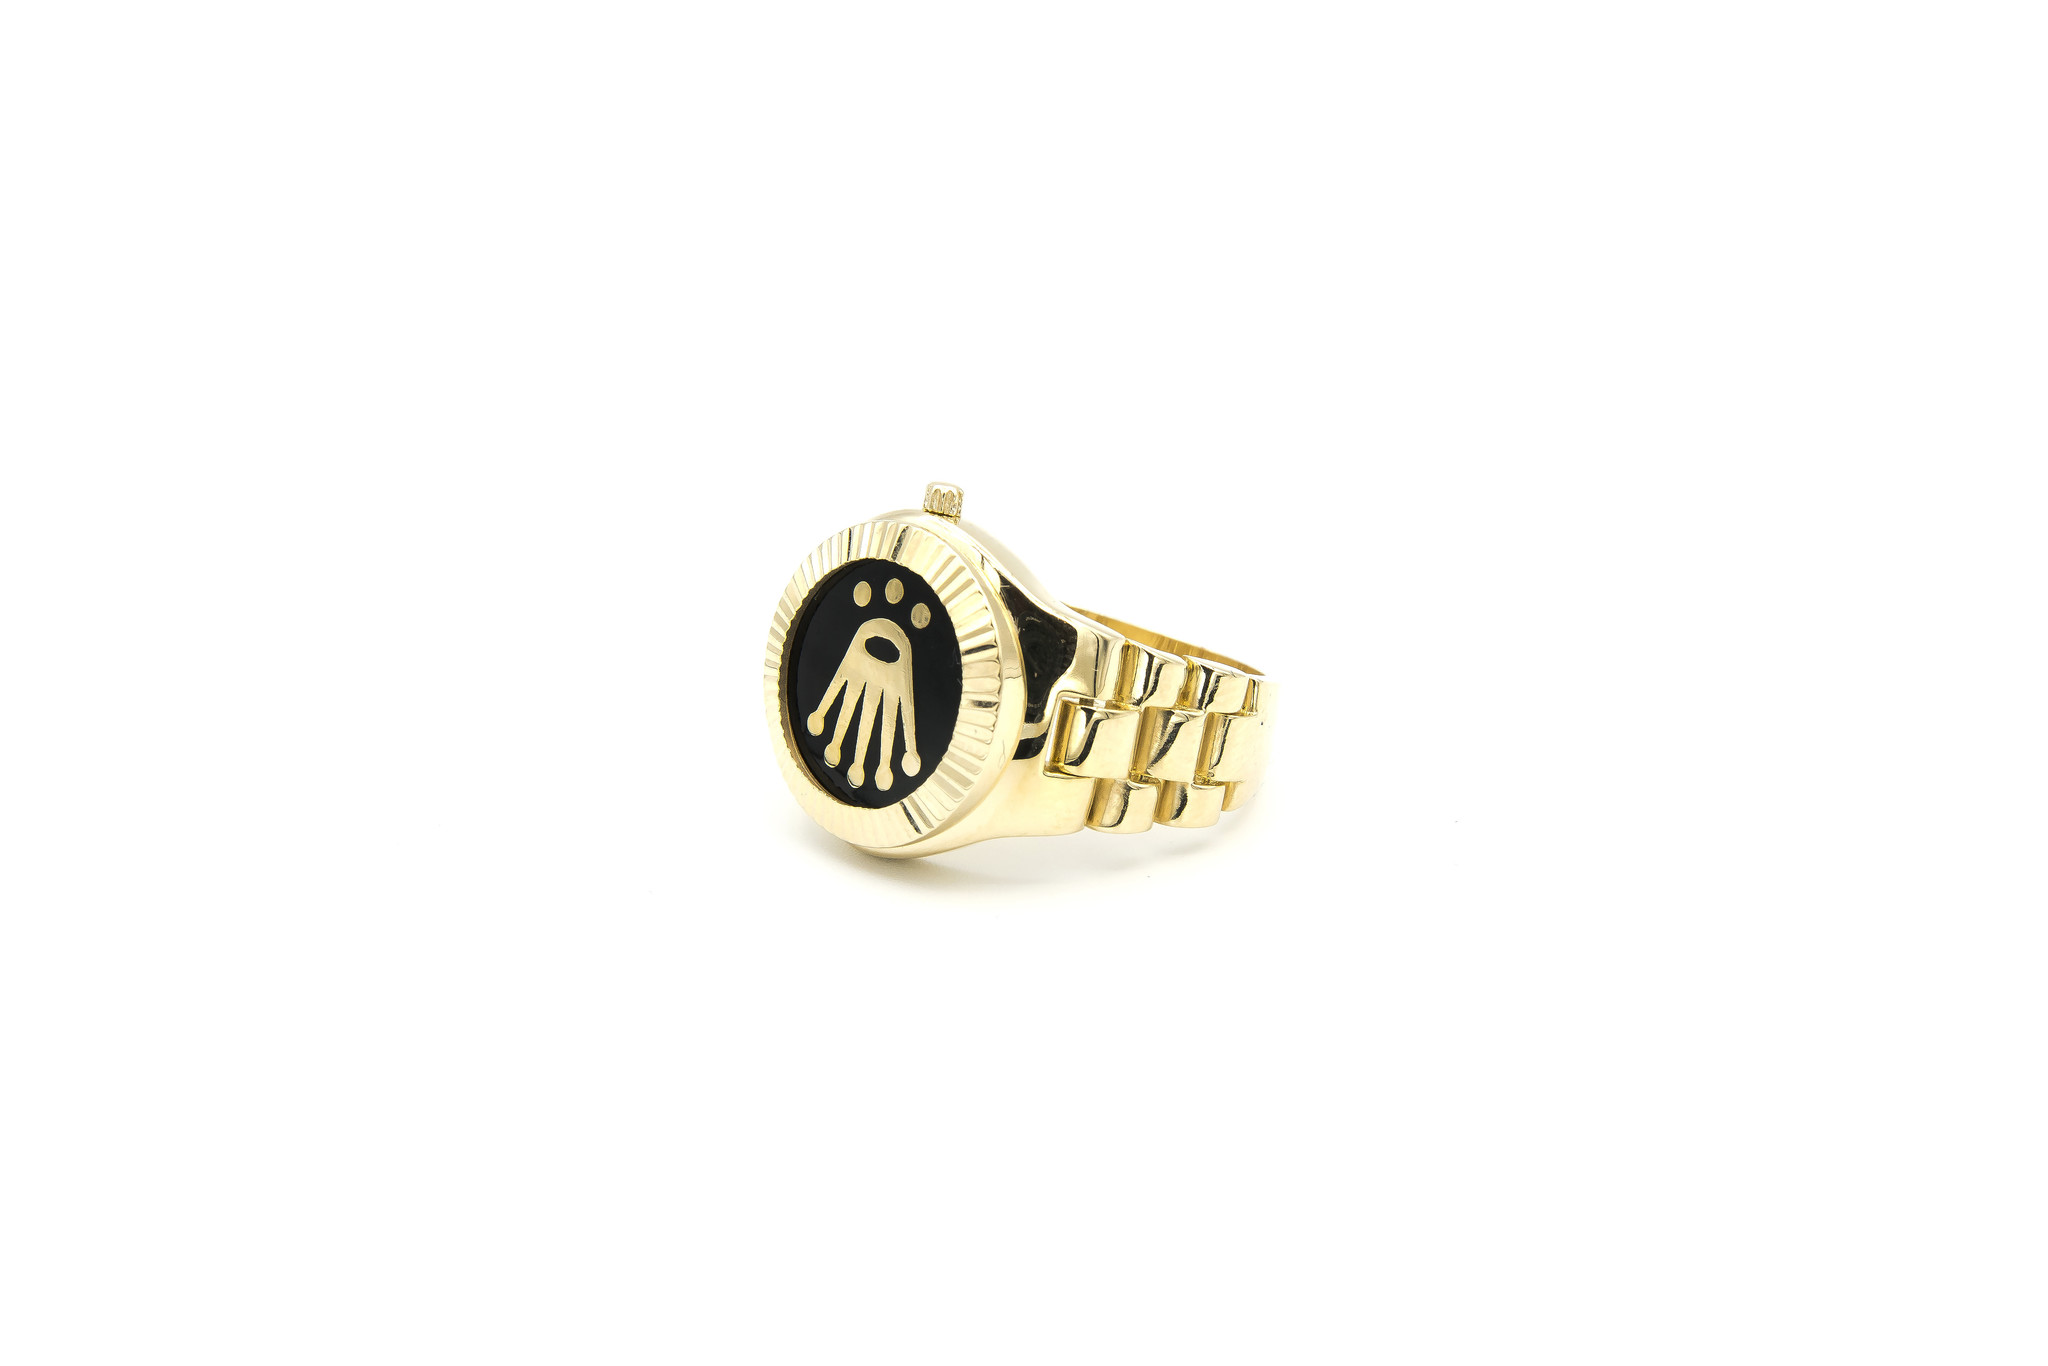 Ring horloge met kroon op zwarte achtergrond met flexibele zijkanten-3